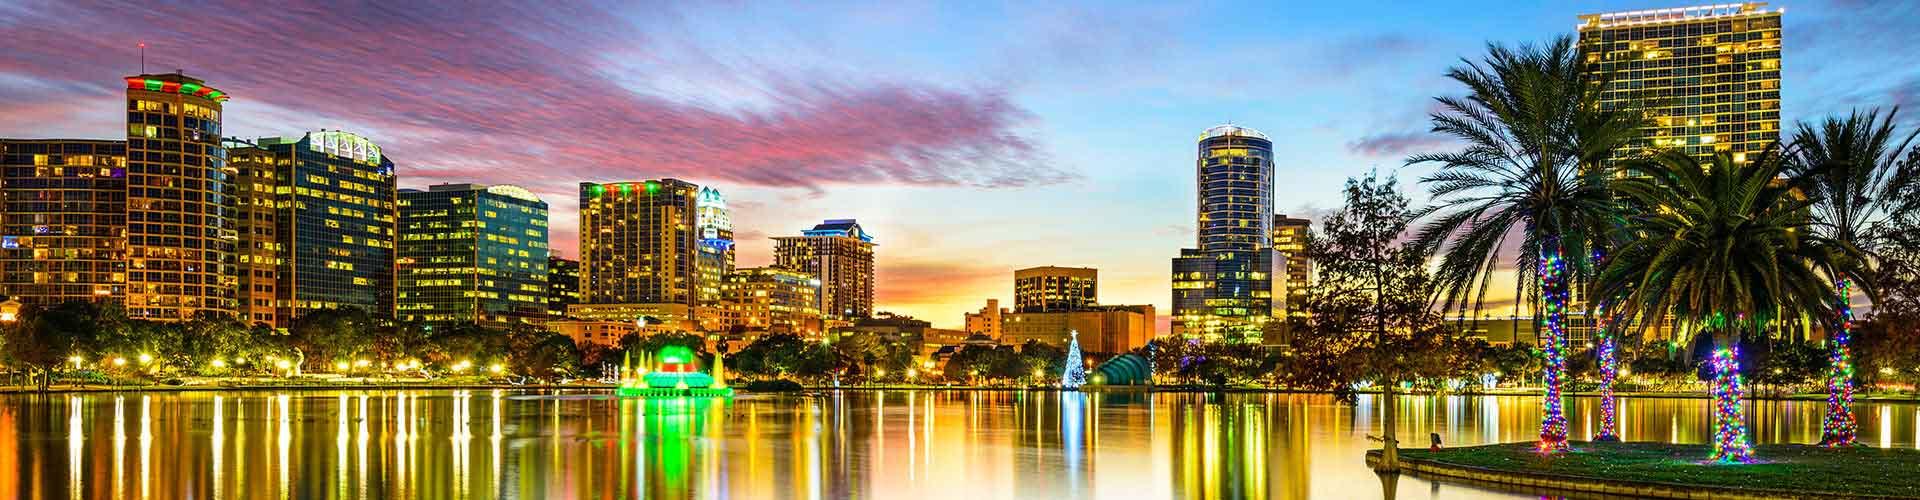 Orlando - Habitaciones en Orlando. Mapas de Orlando, Fotos y comentarios de cada Habitación en Orlando.